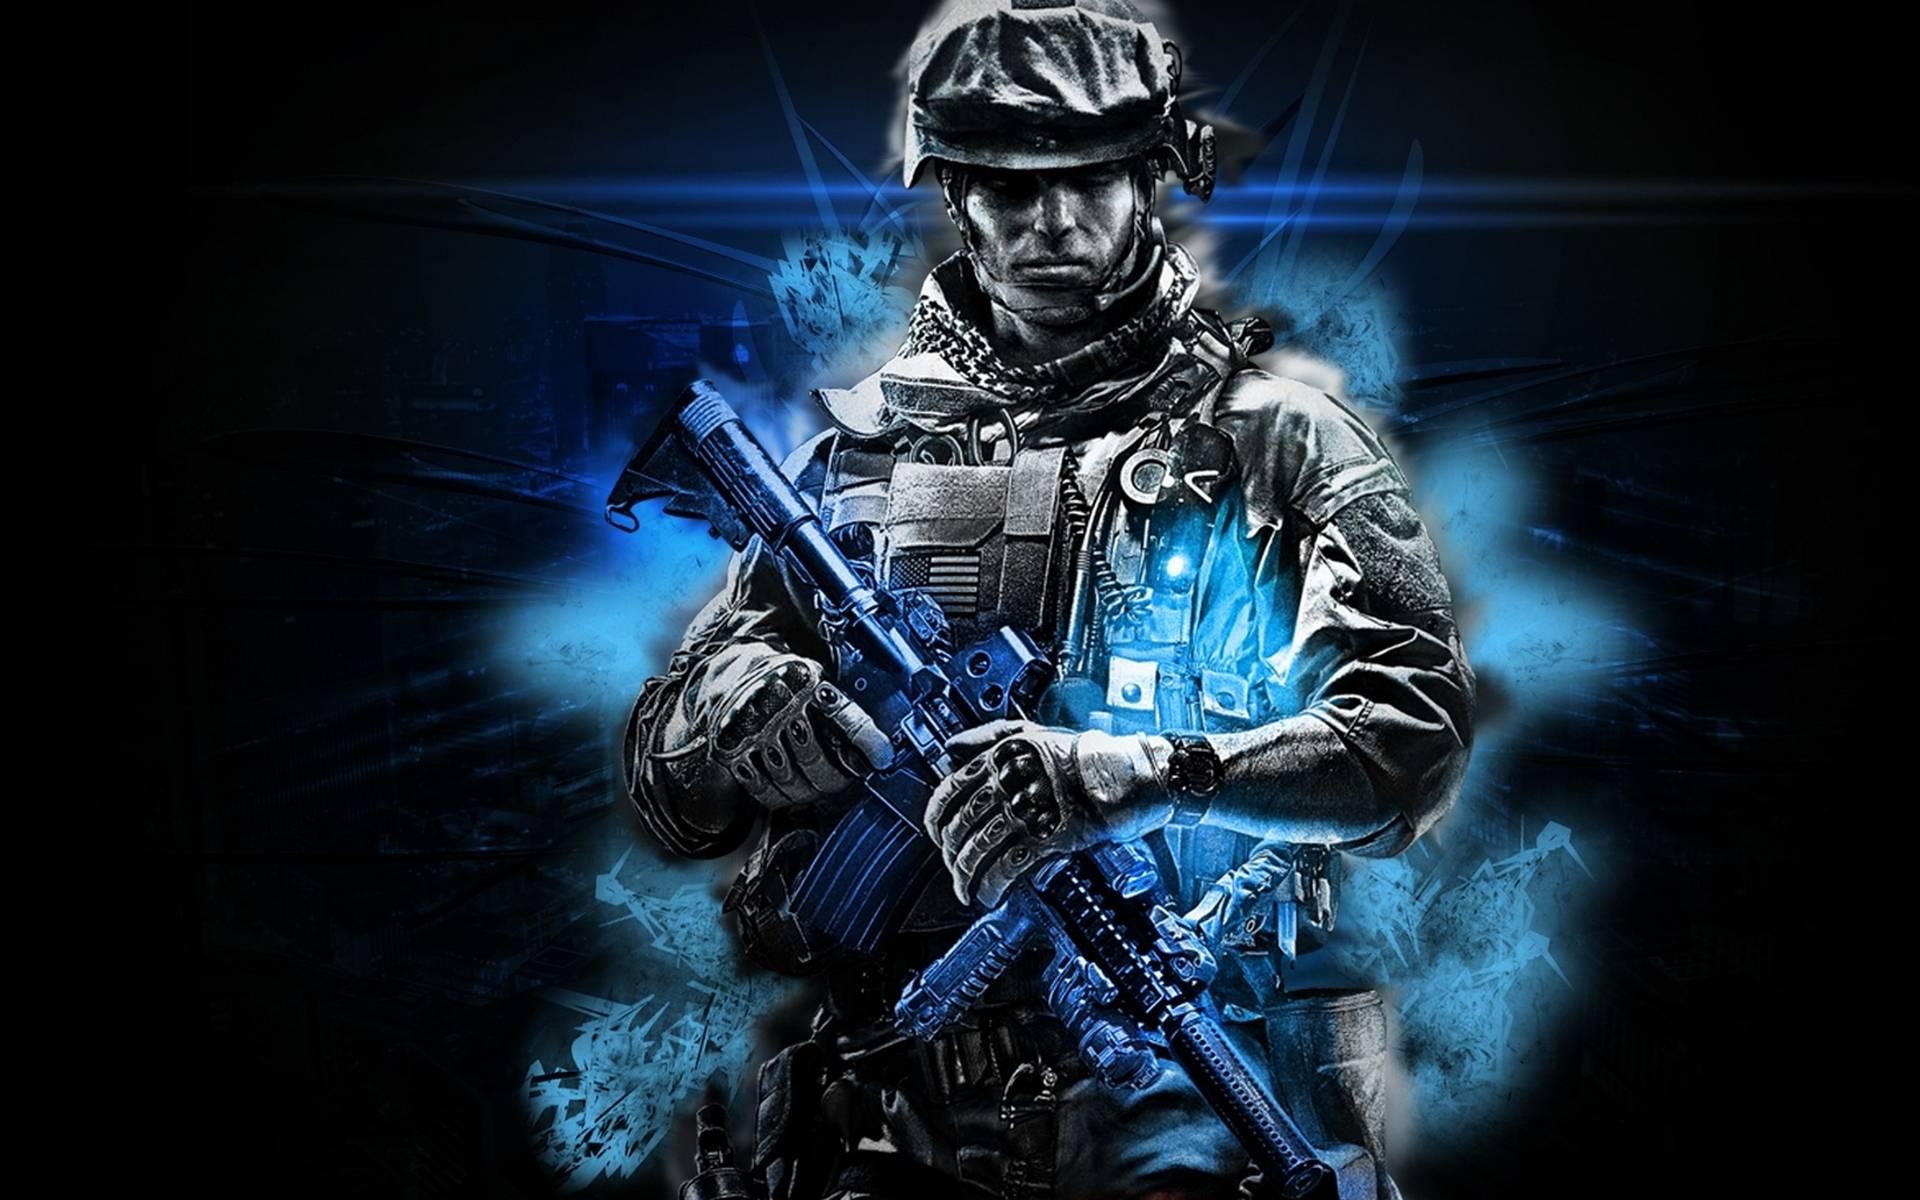 обои солдат, экипировка, шлем, автомат картинки фото